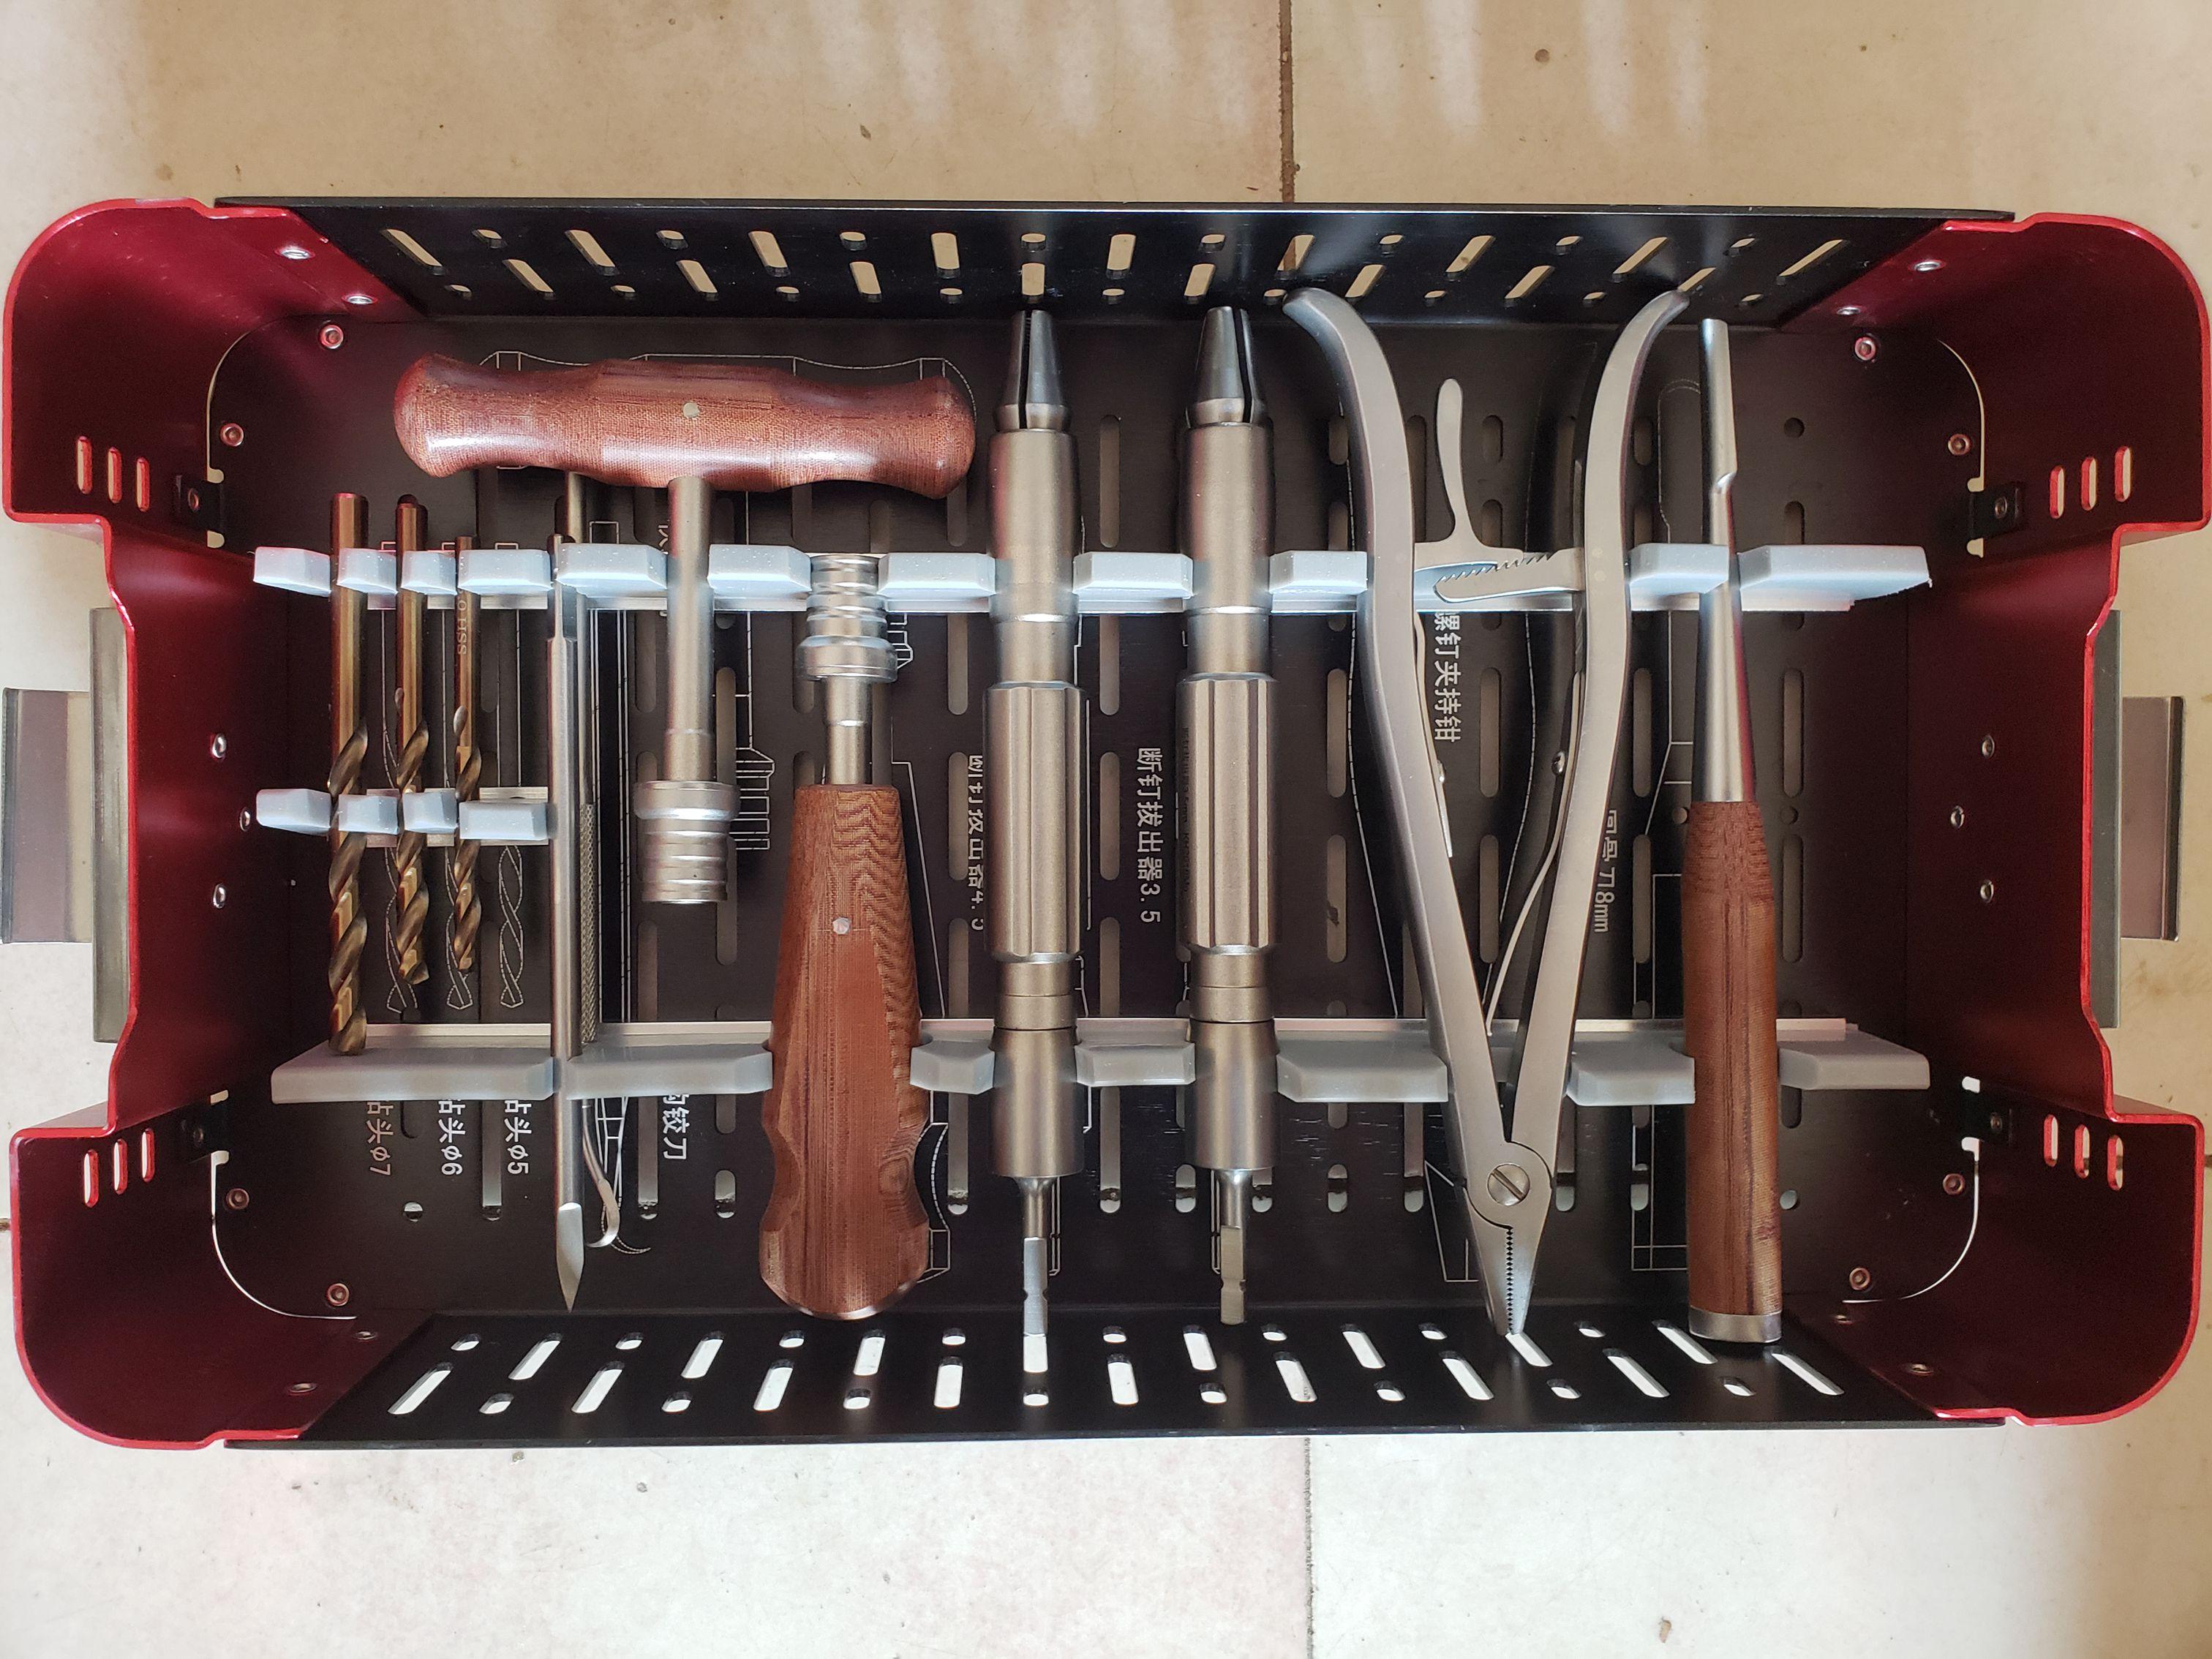 Instruments orthopédiques d'instrument de retrait de vis de Kit médical d'extracteur de vis cassé par orthopédie d'acier inoxydable de 56 pièces/ensemble